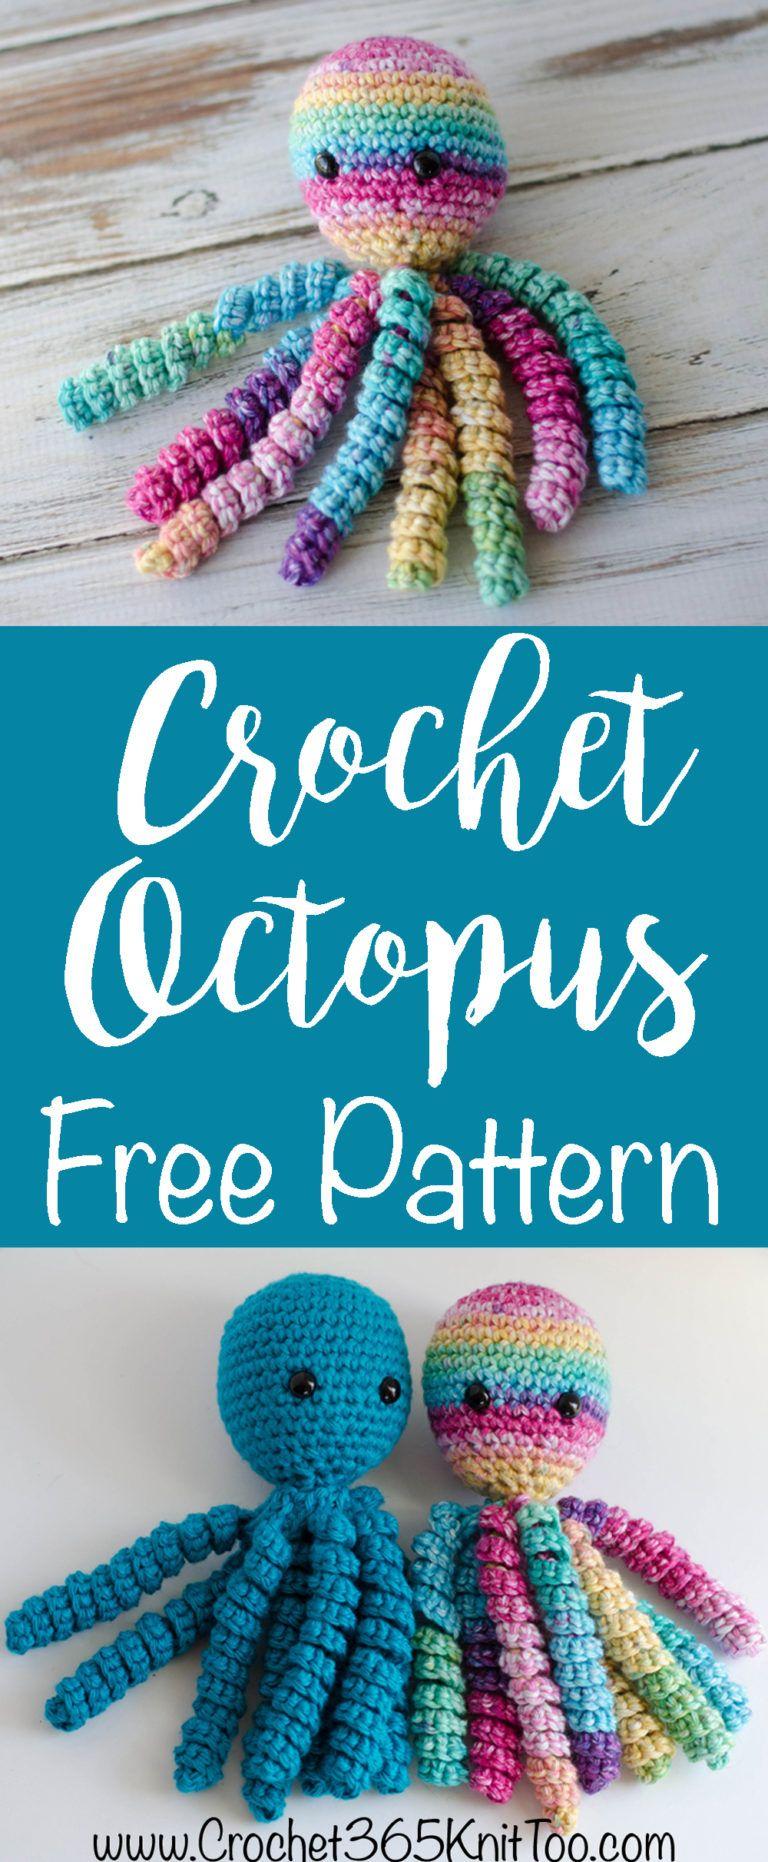 d9dbf413962 Crochet An Octopus For Preemies